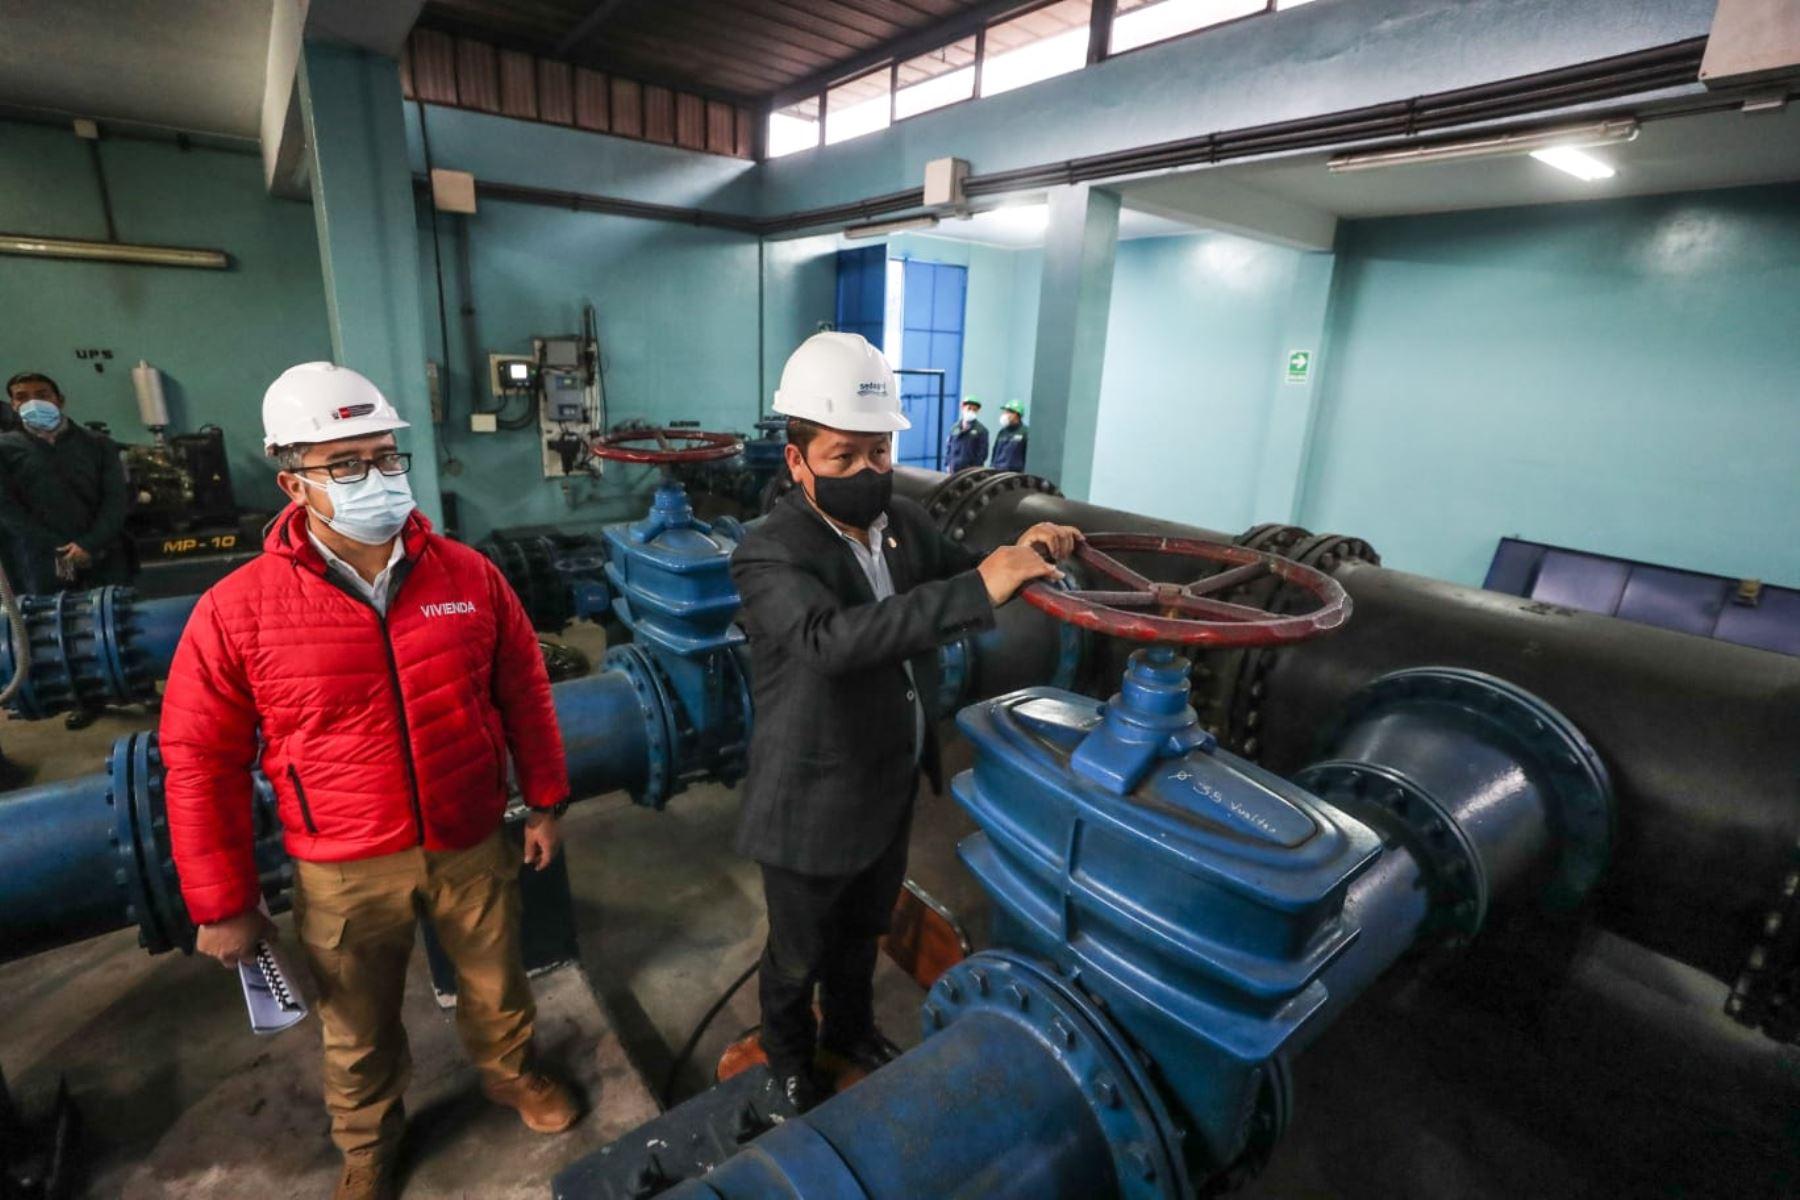 El titular de la PCM, Guido Bellido, junto al ministro de vivienda y el presidente de directorio de Sedapal, se encuentran en San Juan de Lurigancho para supervisar el abastecimiento de agua y las obras de restablecimiento del servicio. Foto: PCM